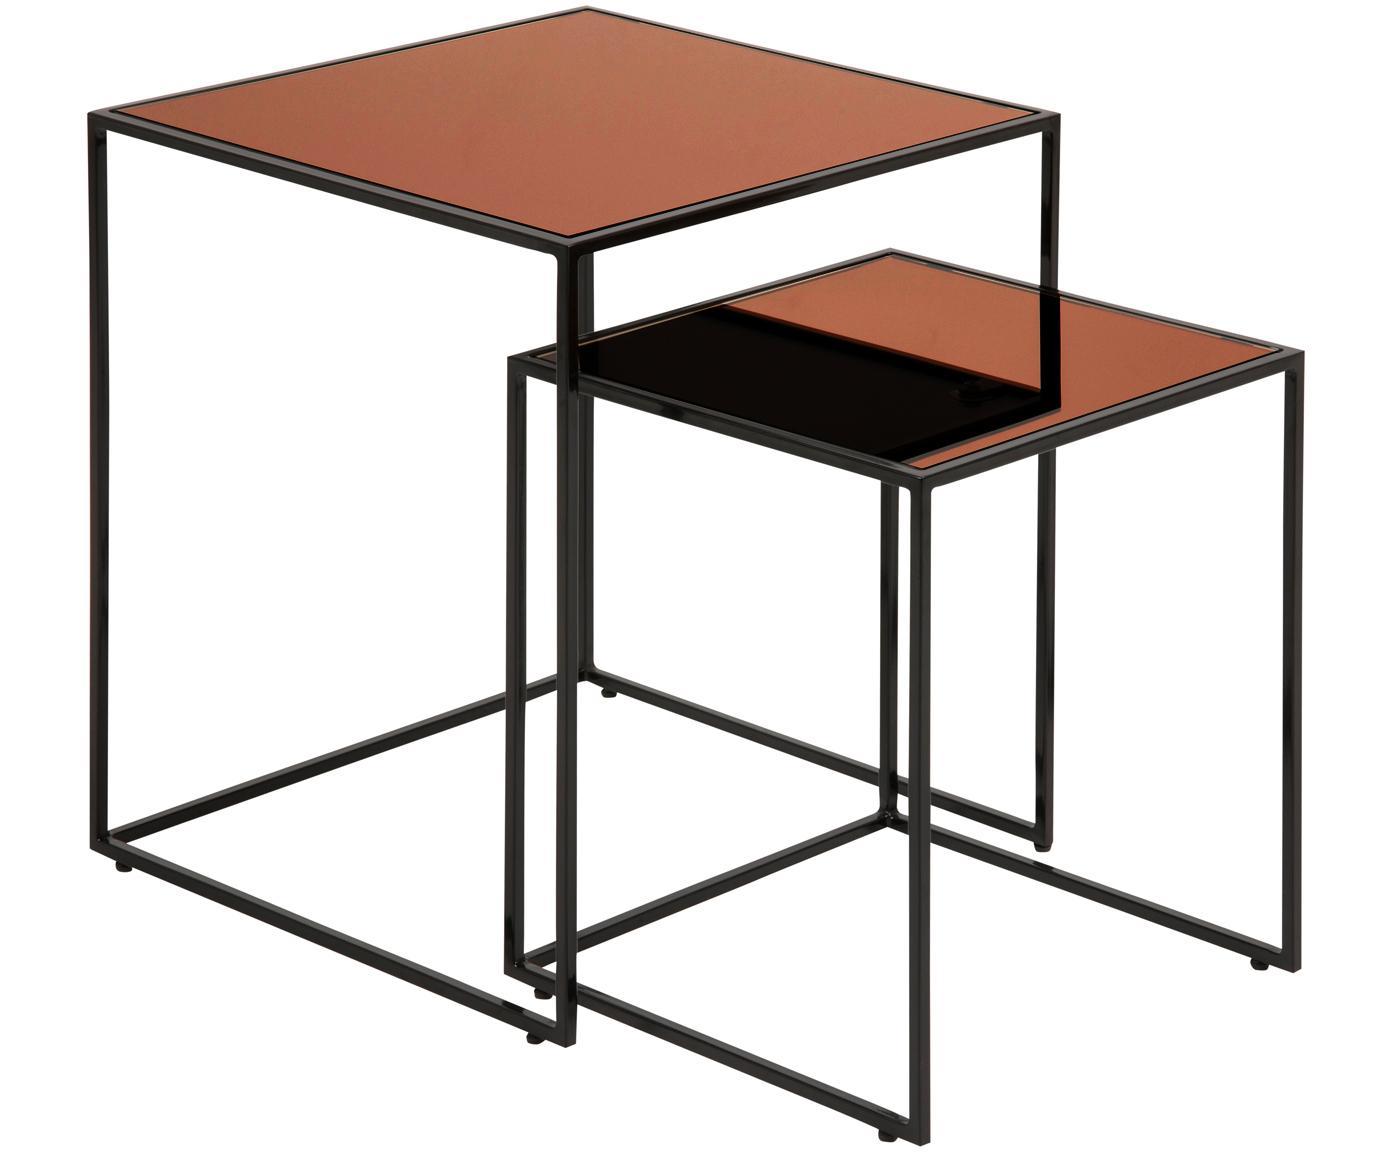 Set 2 tavolini con piano in vetro Bolton, Struttura: acciaio, verniciato a pol, Piano d'appoggio: vetro temperato, rivestit, Nero, colori rame, Diverse dimensioni